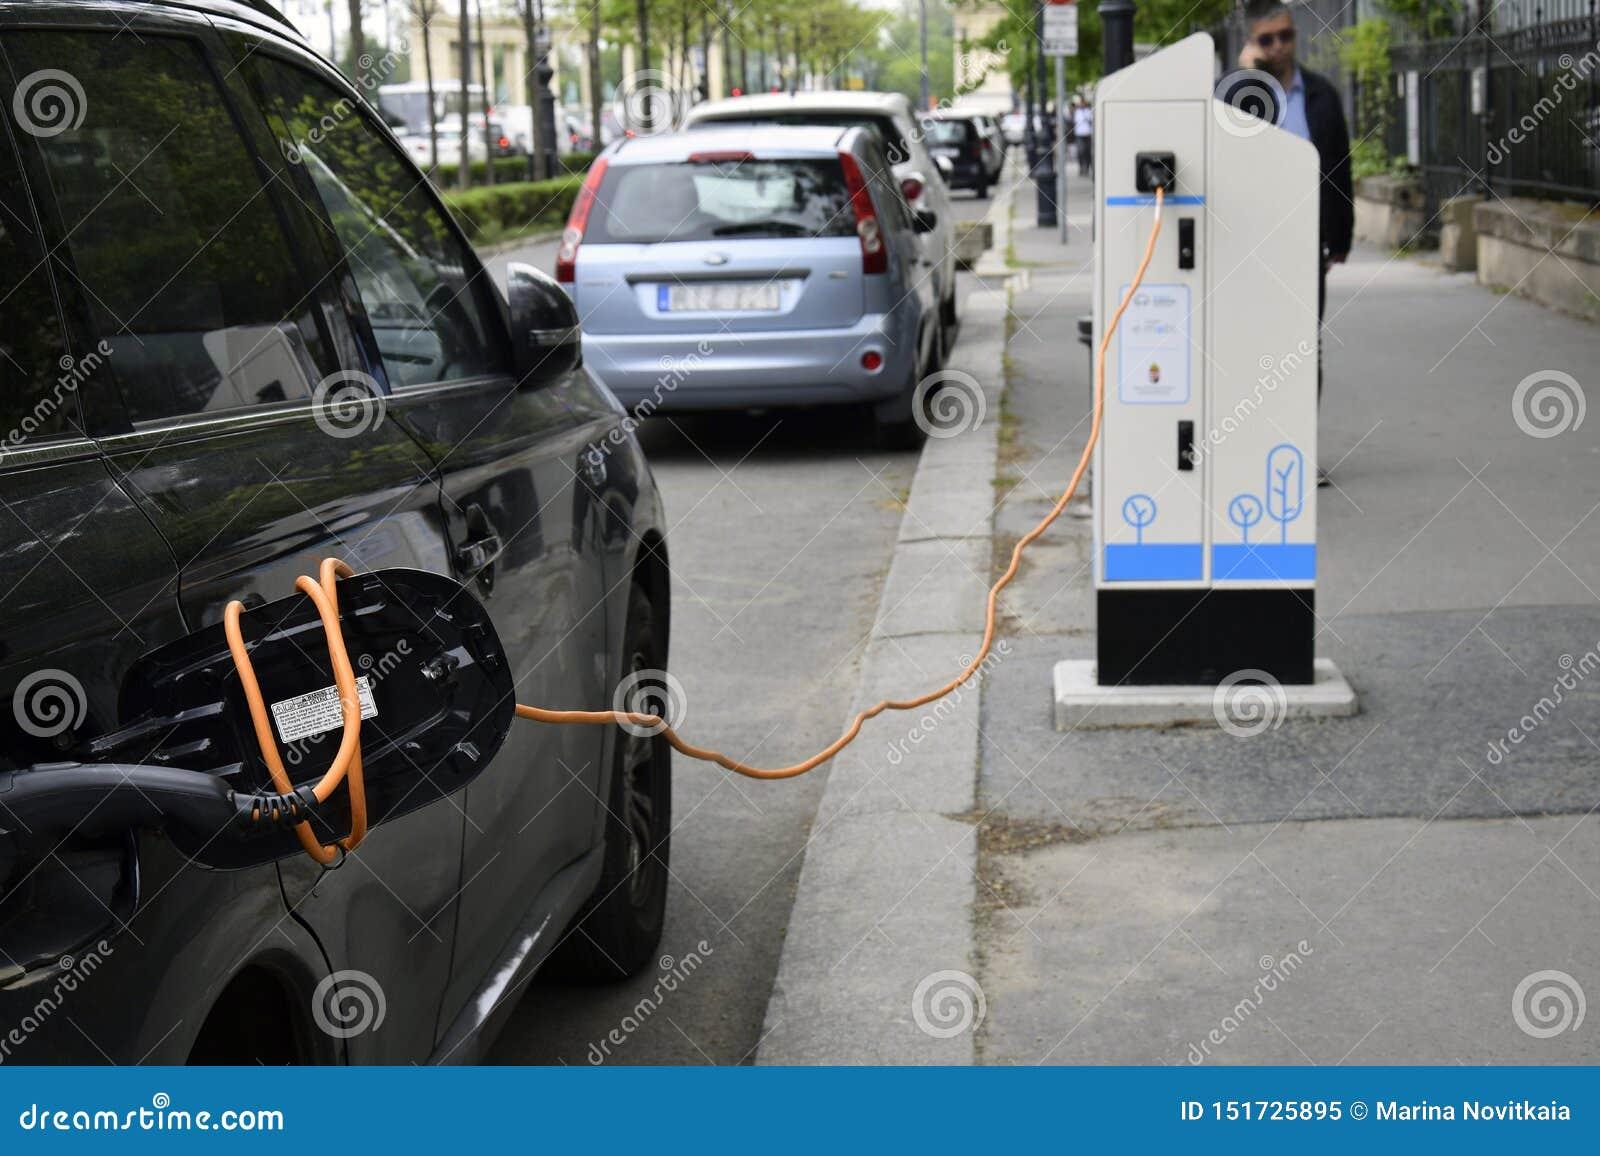 充电一辆电车的过程